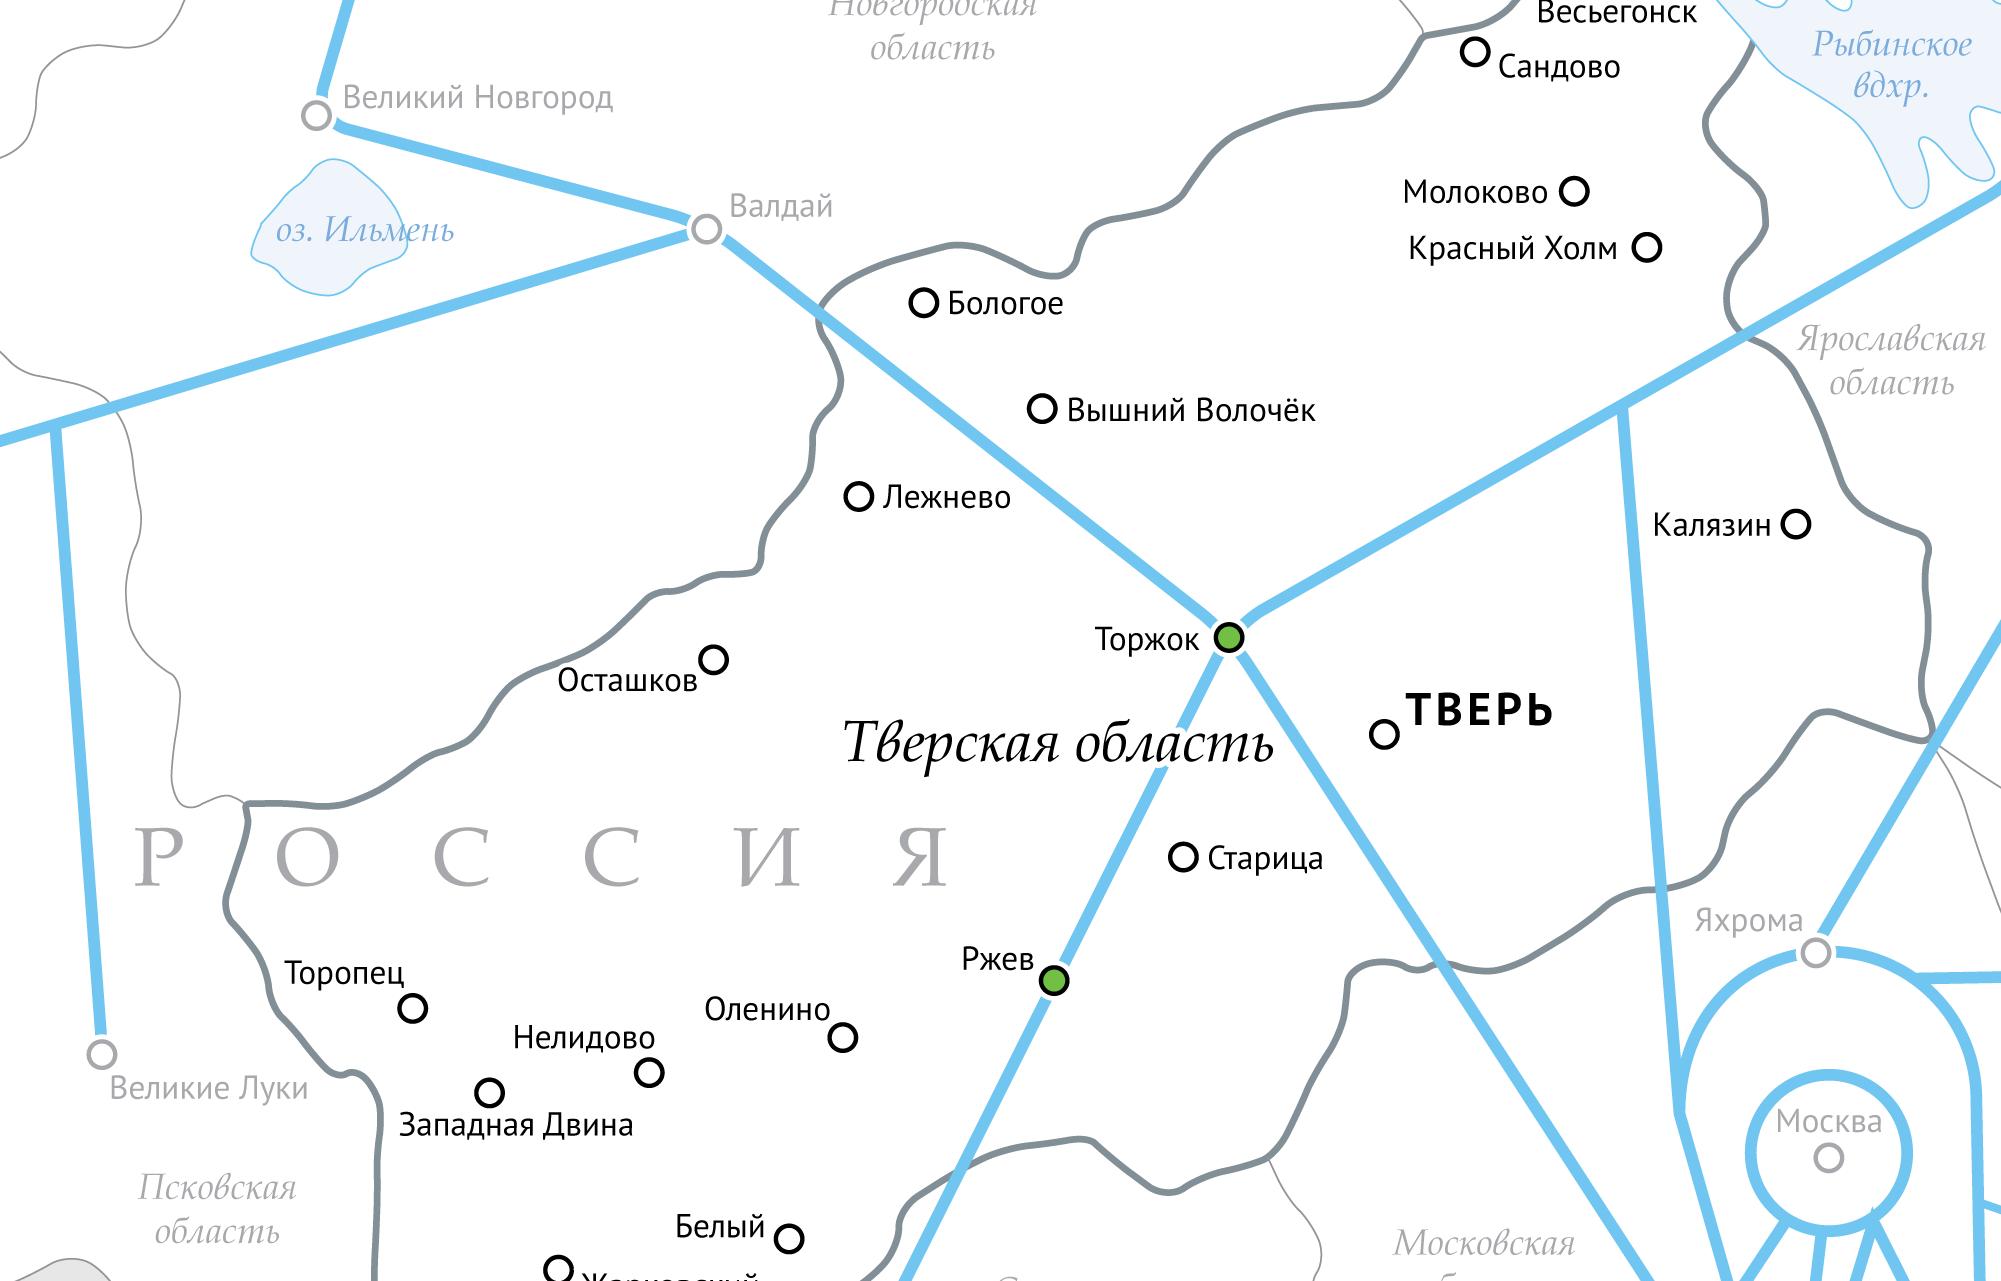 В Тверской области создадут условия для газификации еще 10 районов - новости Афанасий